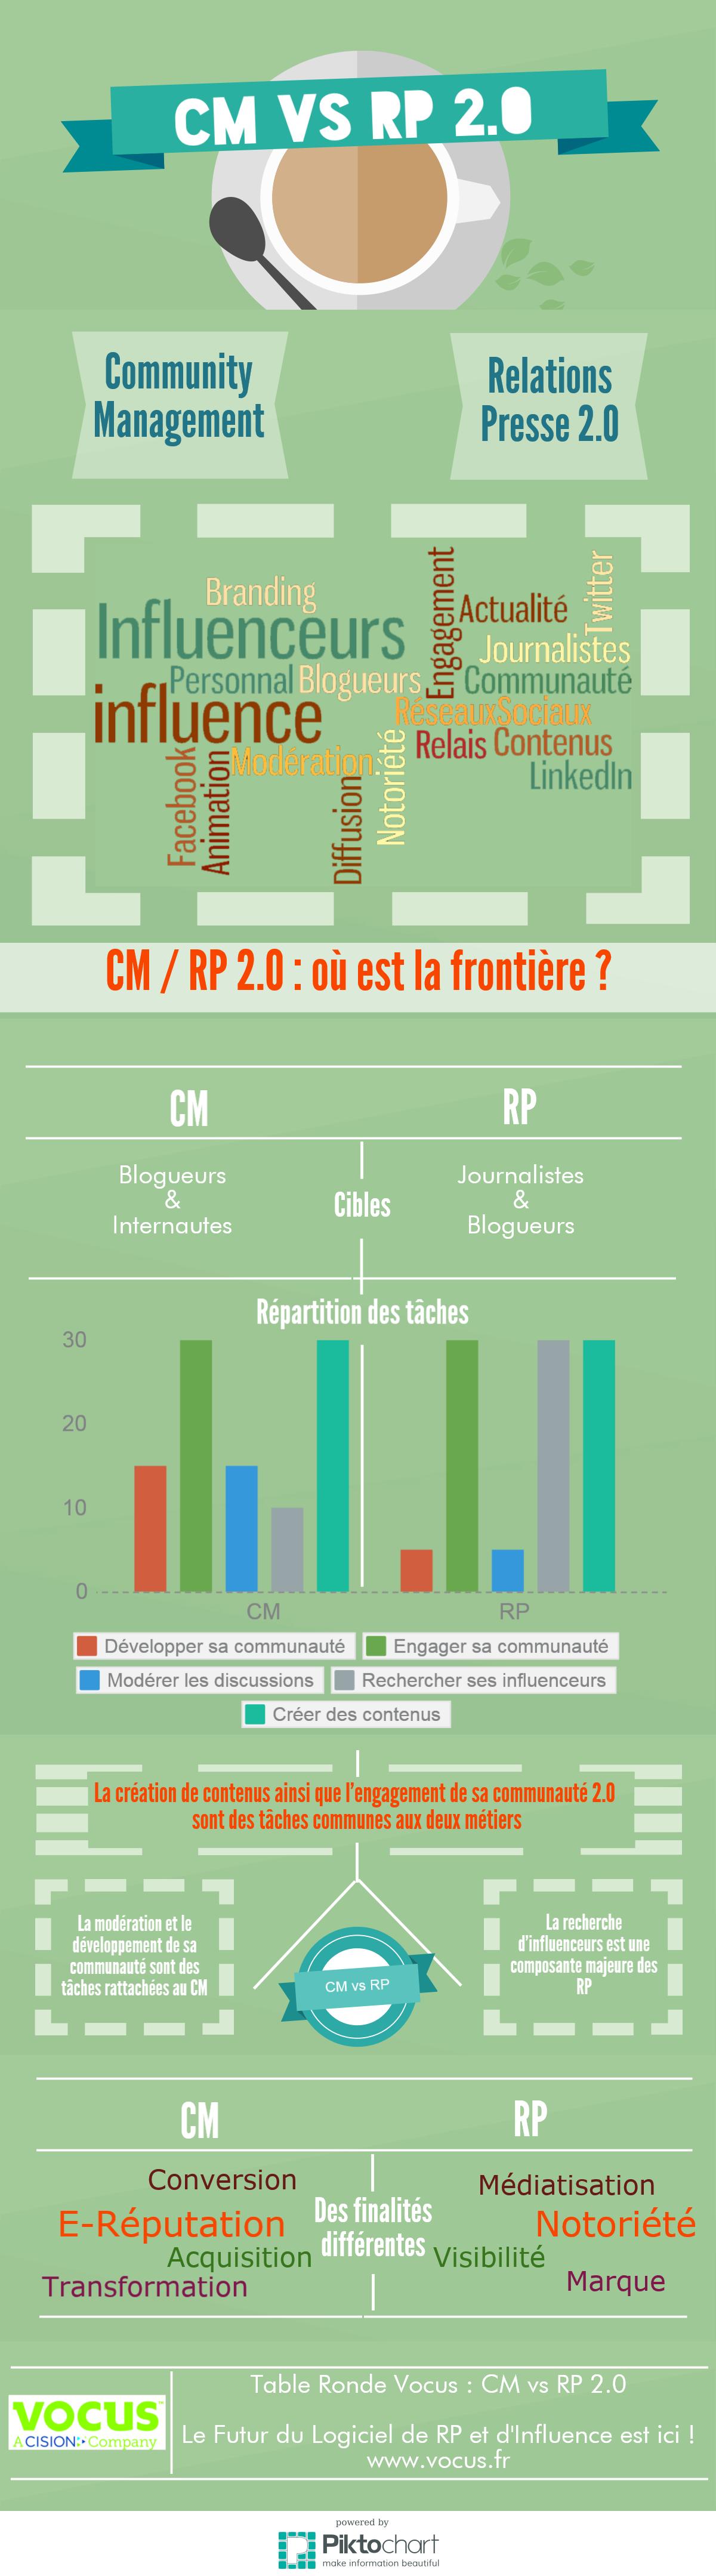 Comment Les Medias Sociaux Revolutionnent Les Relations Presse Guide Social Media Relations Presse Relations Publiques Medias Sociaux